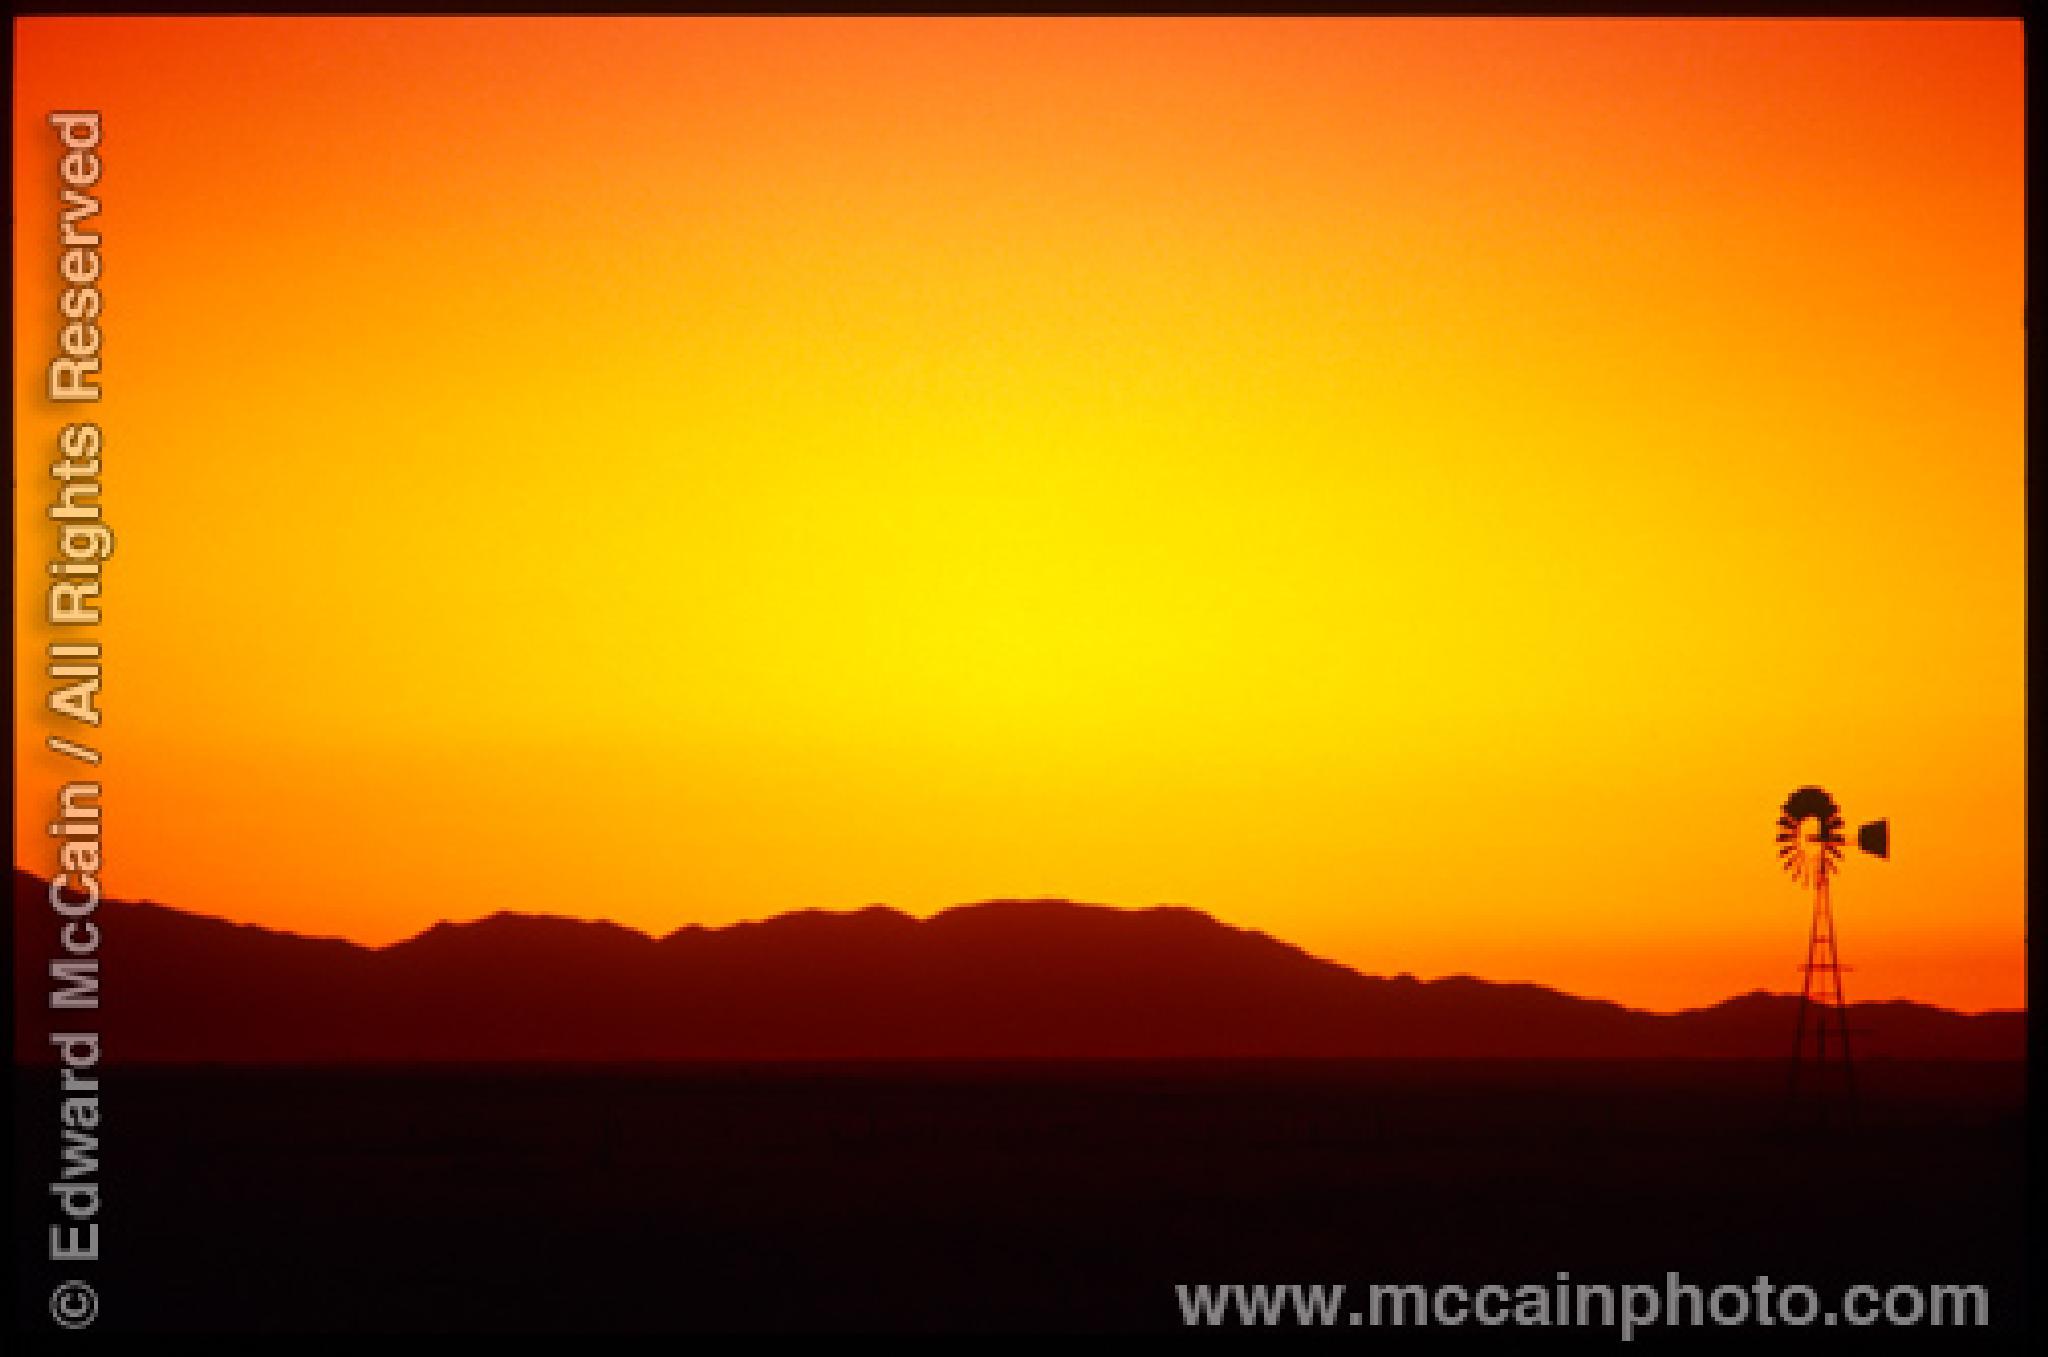 Windmill, Cochise County, Arizona by Edward McCain